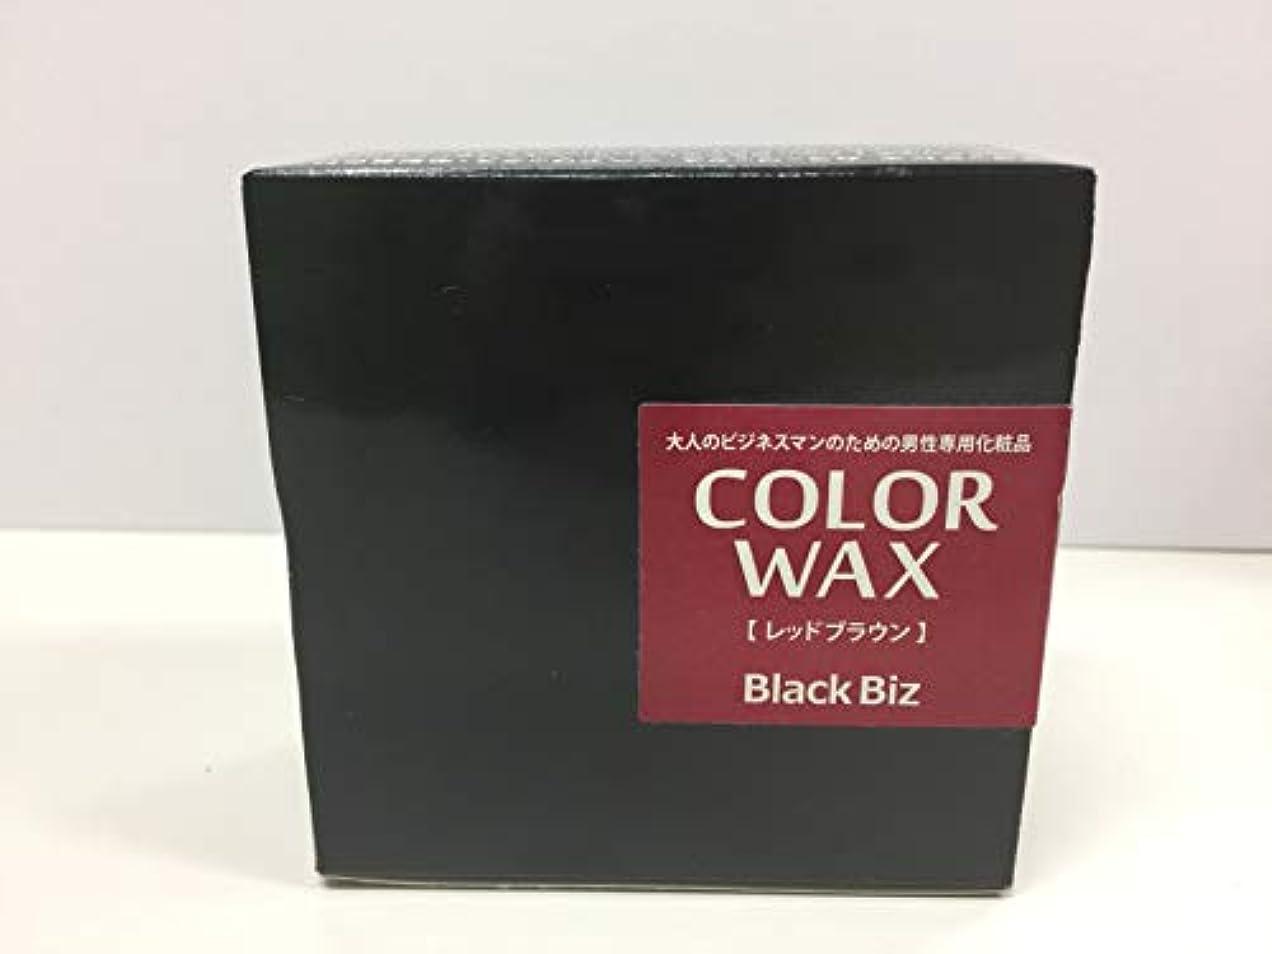 昼食義務づける同封する大人のビジネスマンのための男性専用化粧品 BlackBiz COLOR WAX ブラックビズ カラーワックス 【レッドブラウン】